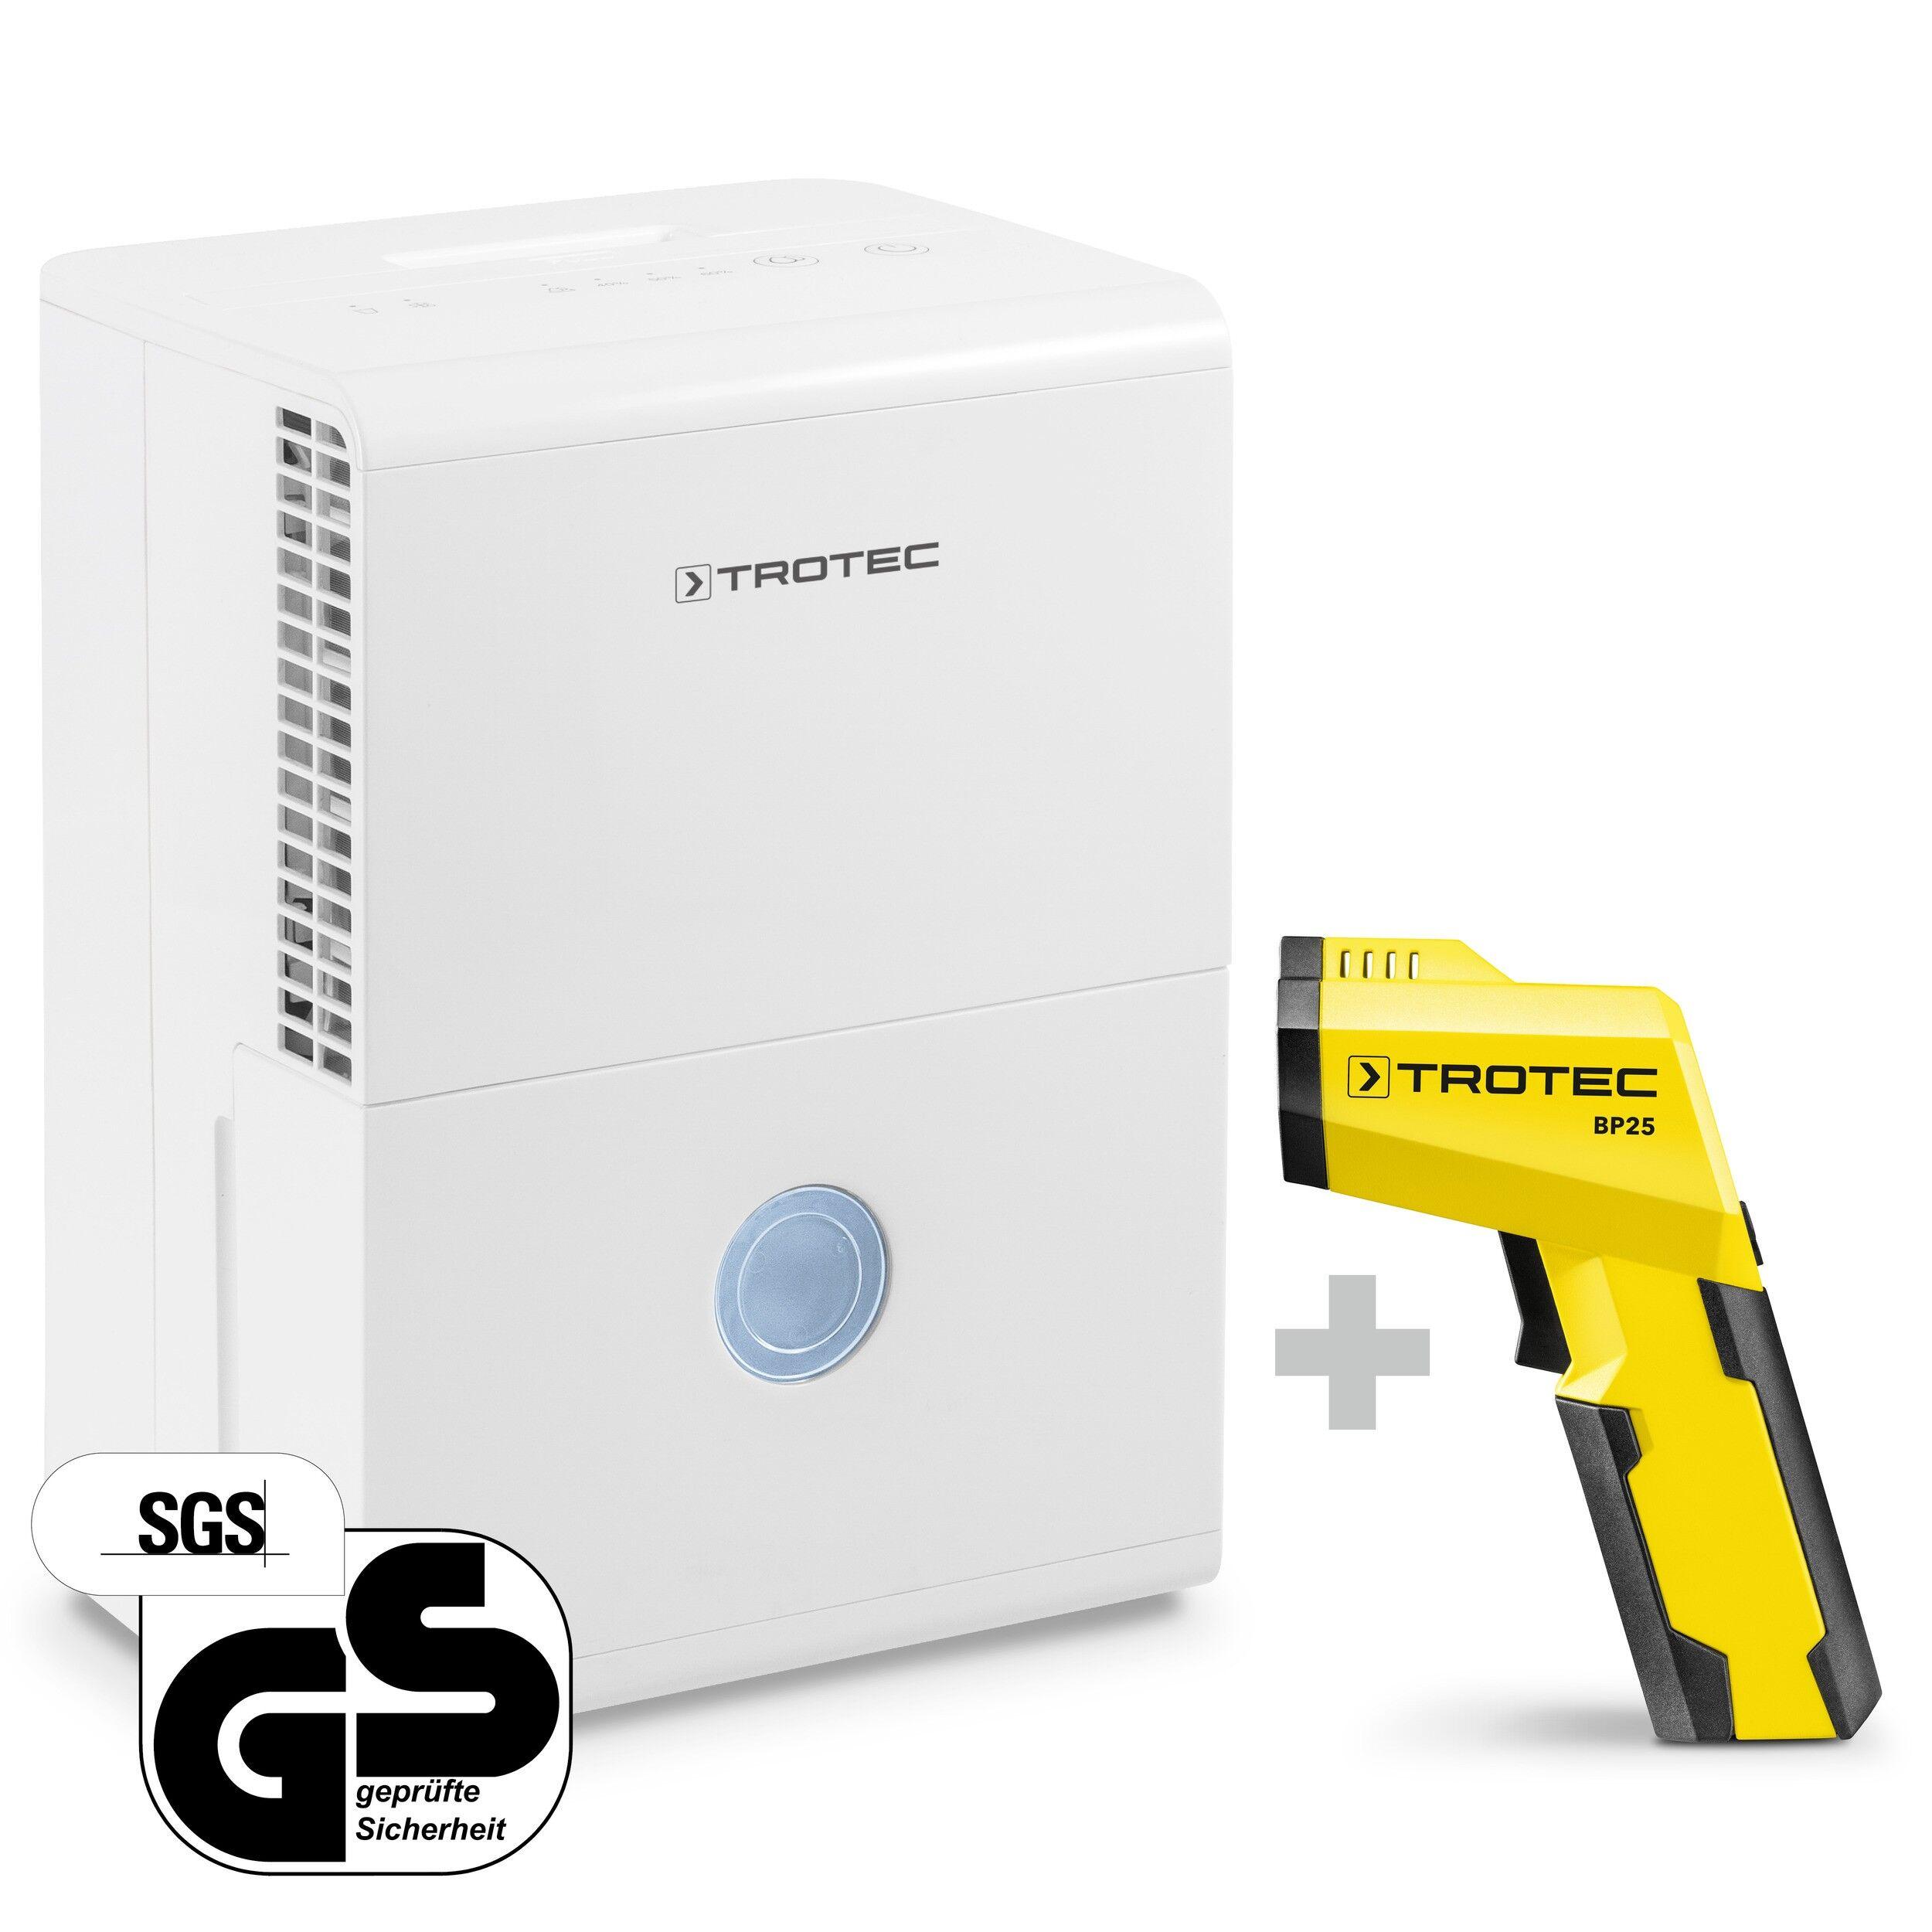 trotec deumidificatore ttk 28 e + pirometro-scanner del punto di rugiada bp25